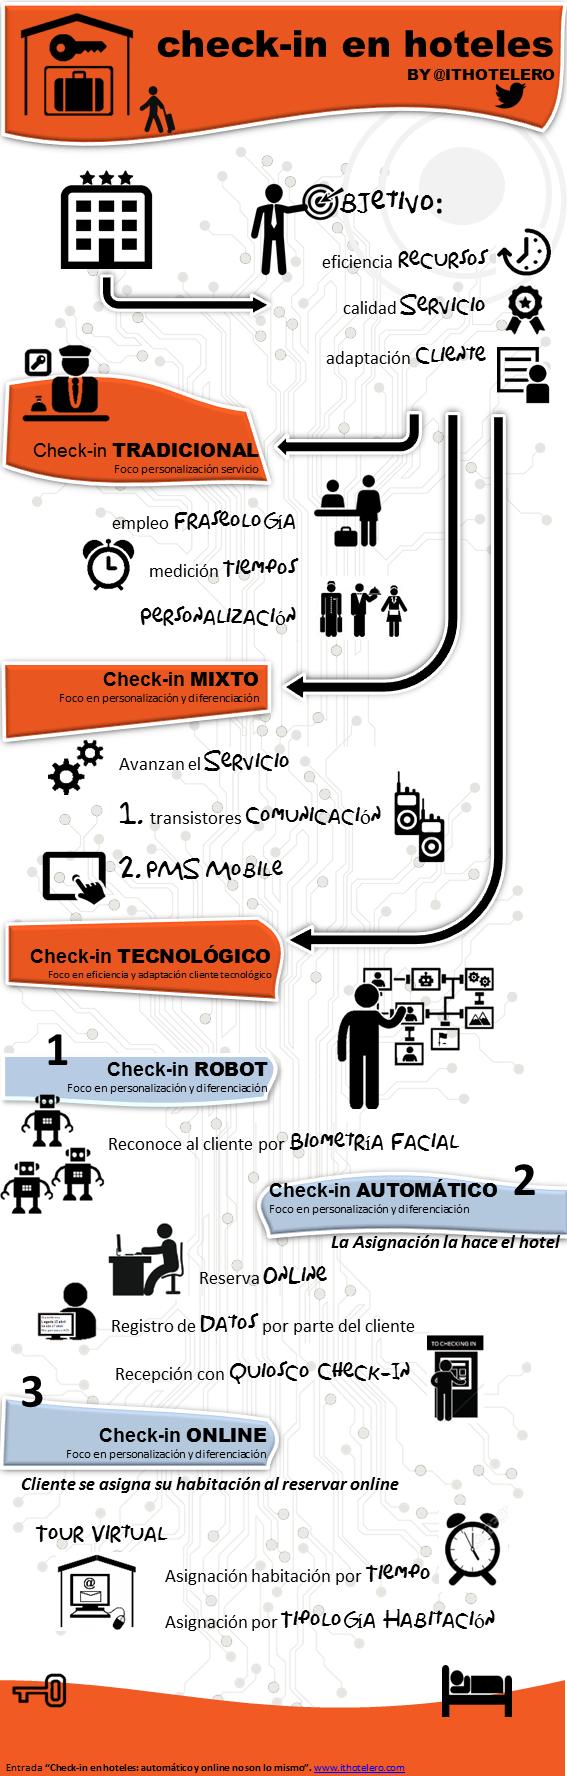 infografia checkin